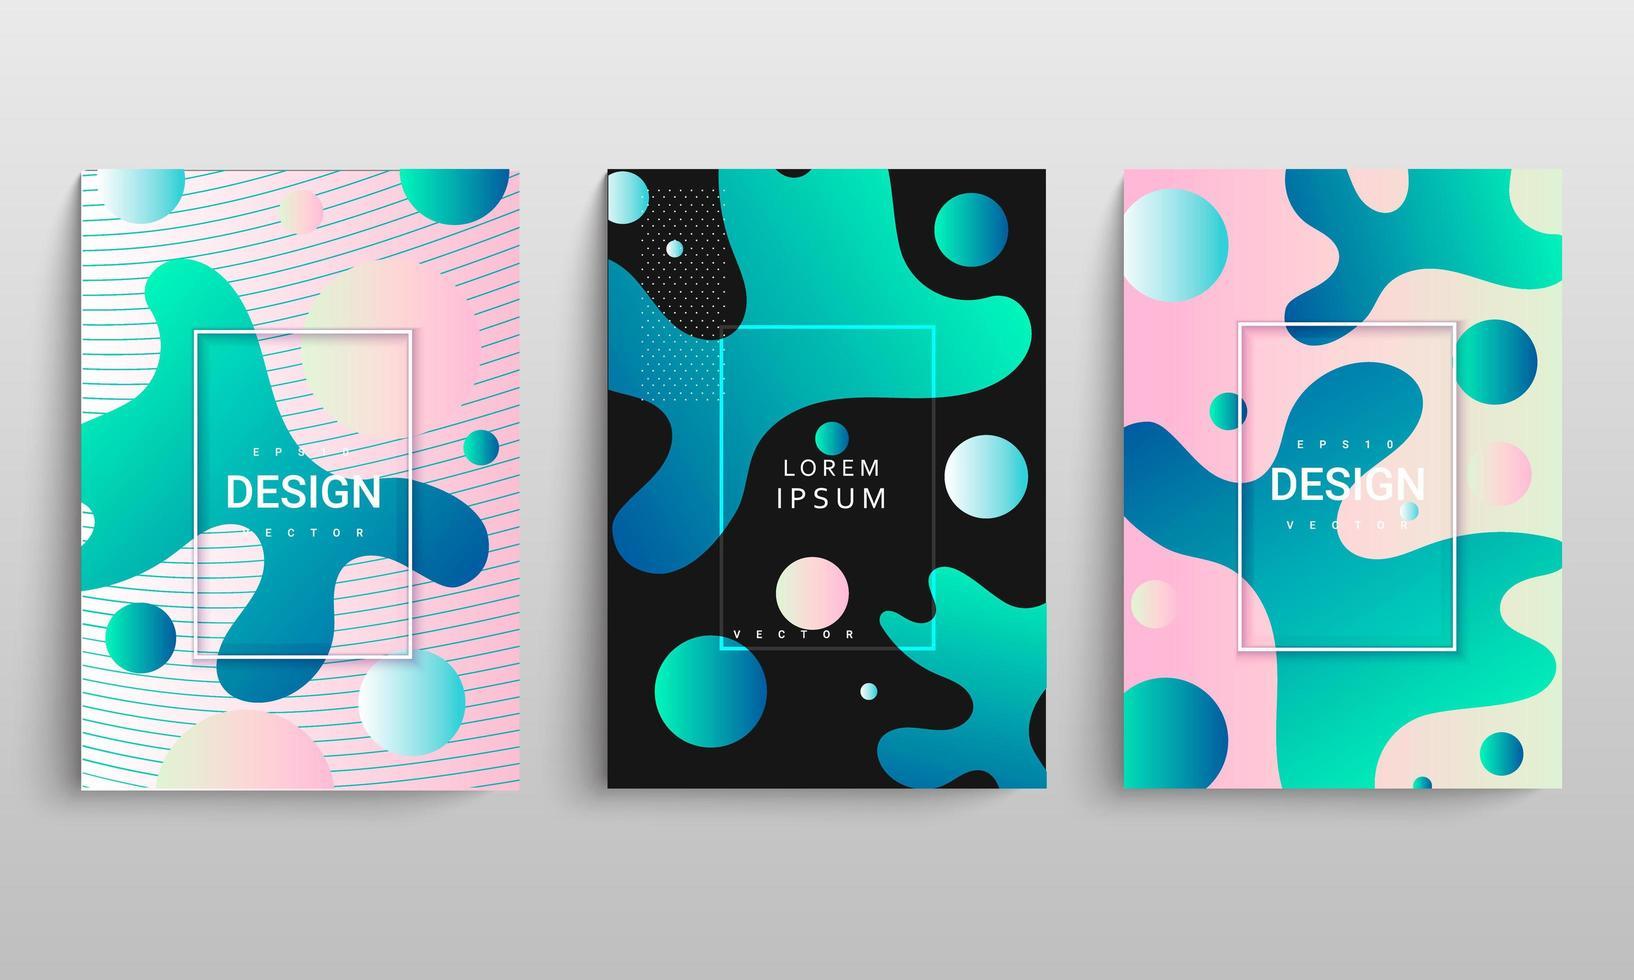 moderne gradiënt vloeiende vorm cover set vector